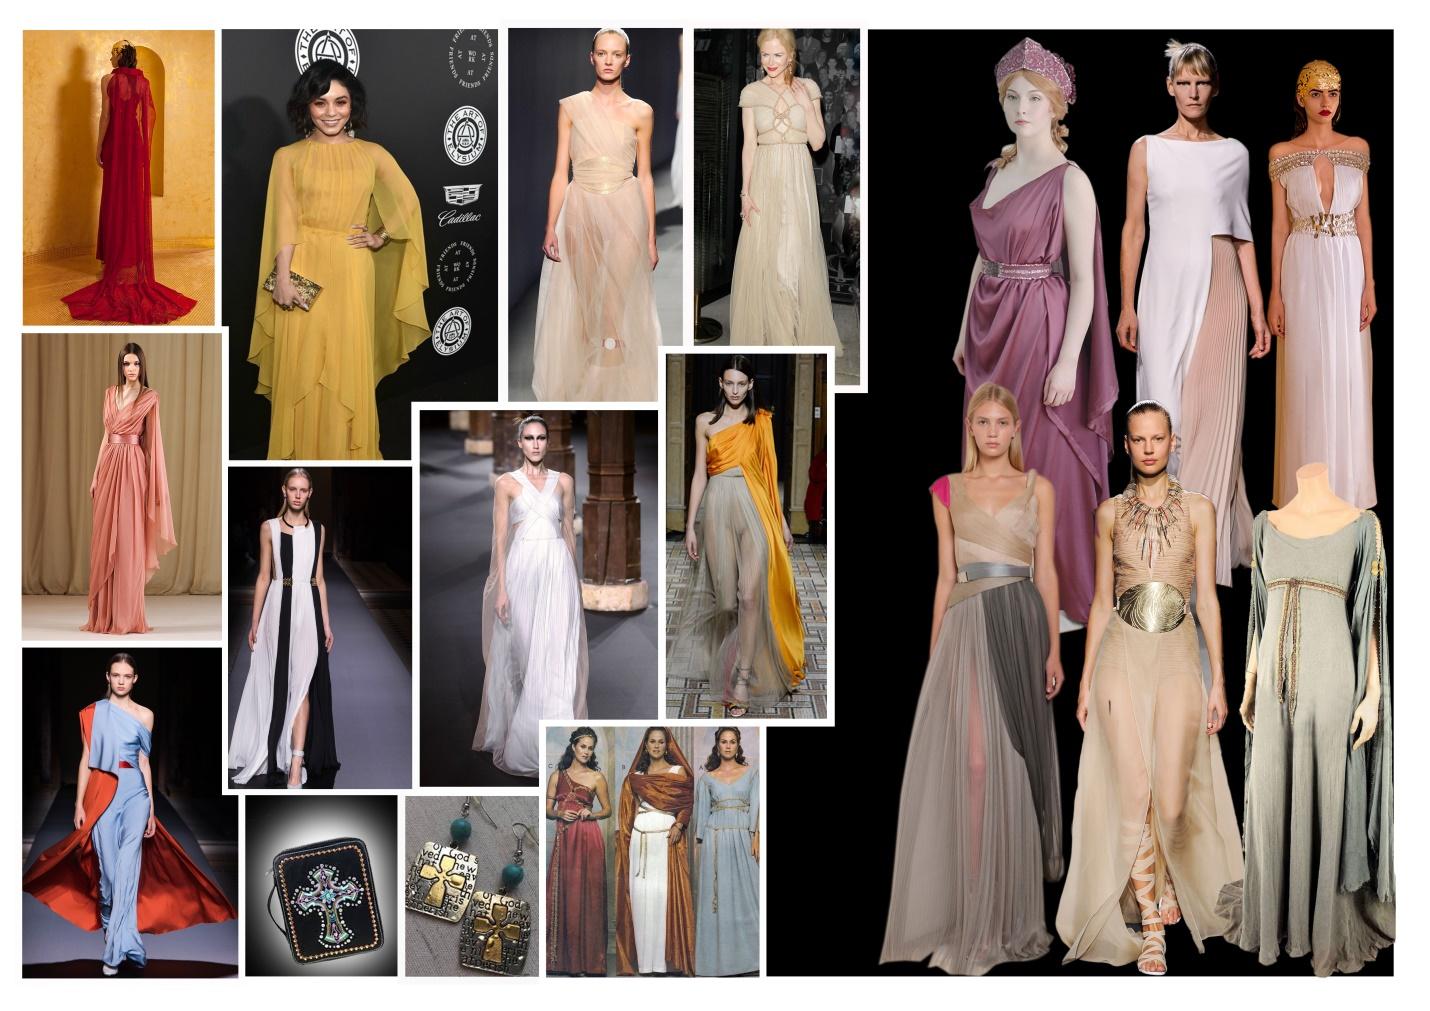 Grandhika grandhika - image003 3 - GRANDHIKA–JD Annual Design Awards 2019 | Fashion Design